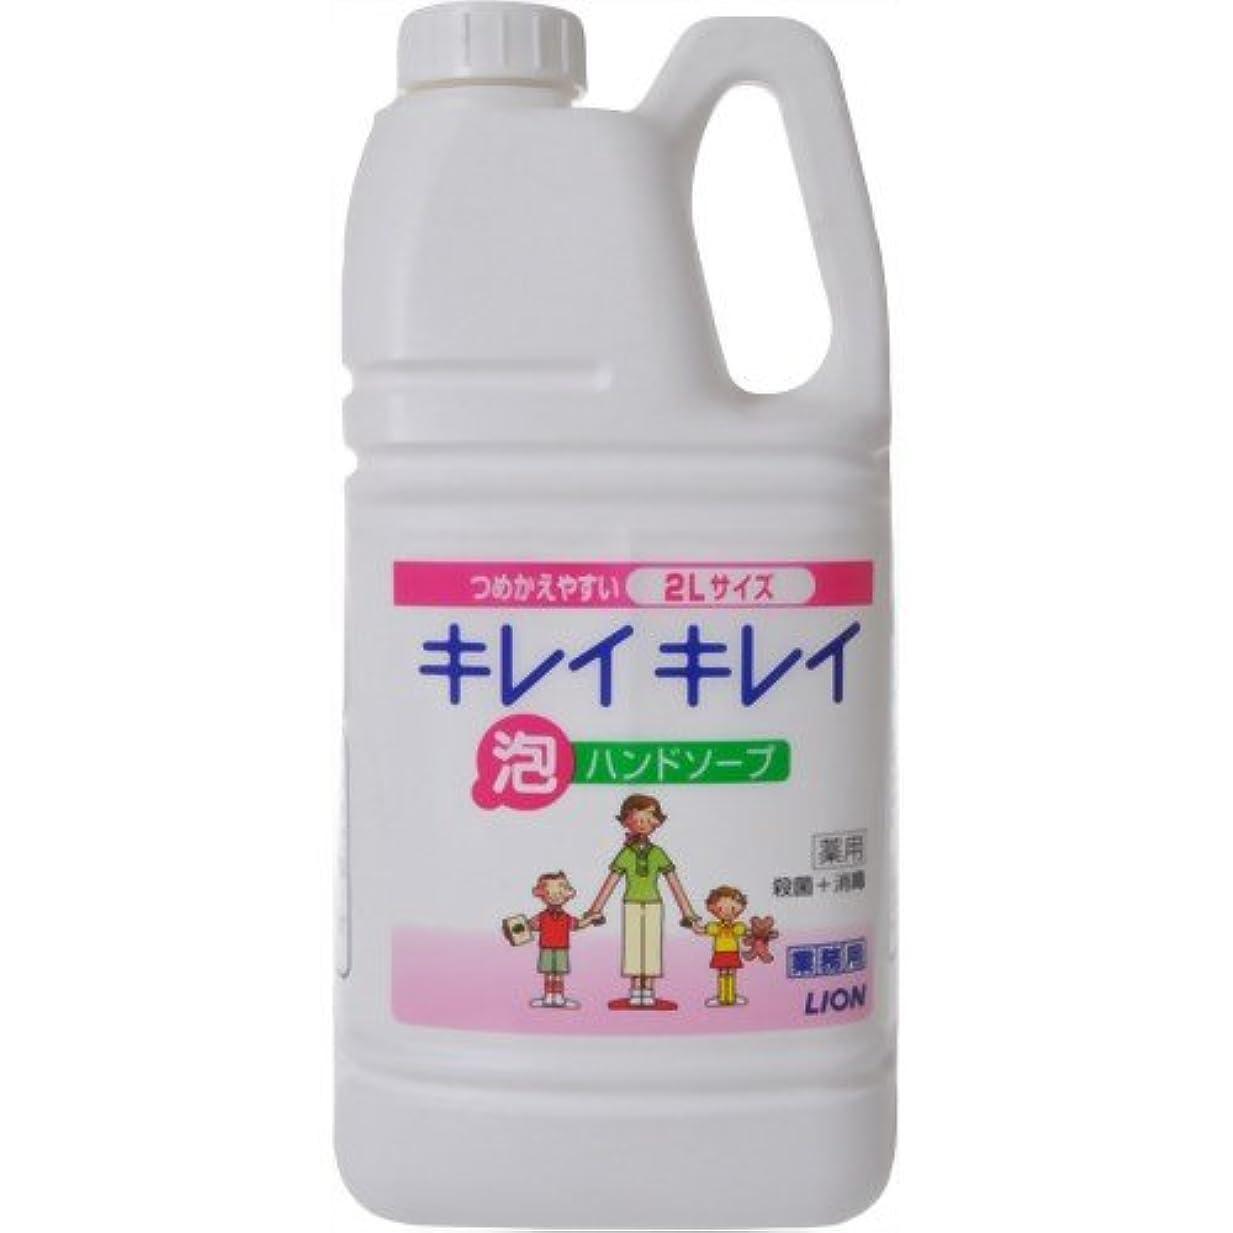 震え脚本家バスケットボールキレイキレイ薬用泡ハンドソープ2L(業務用)